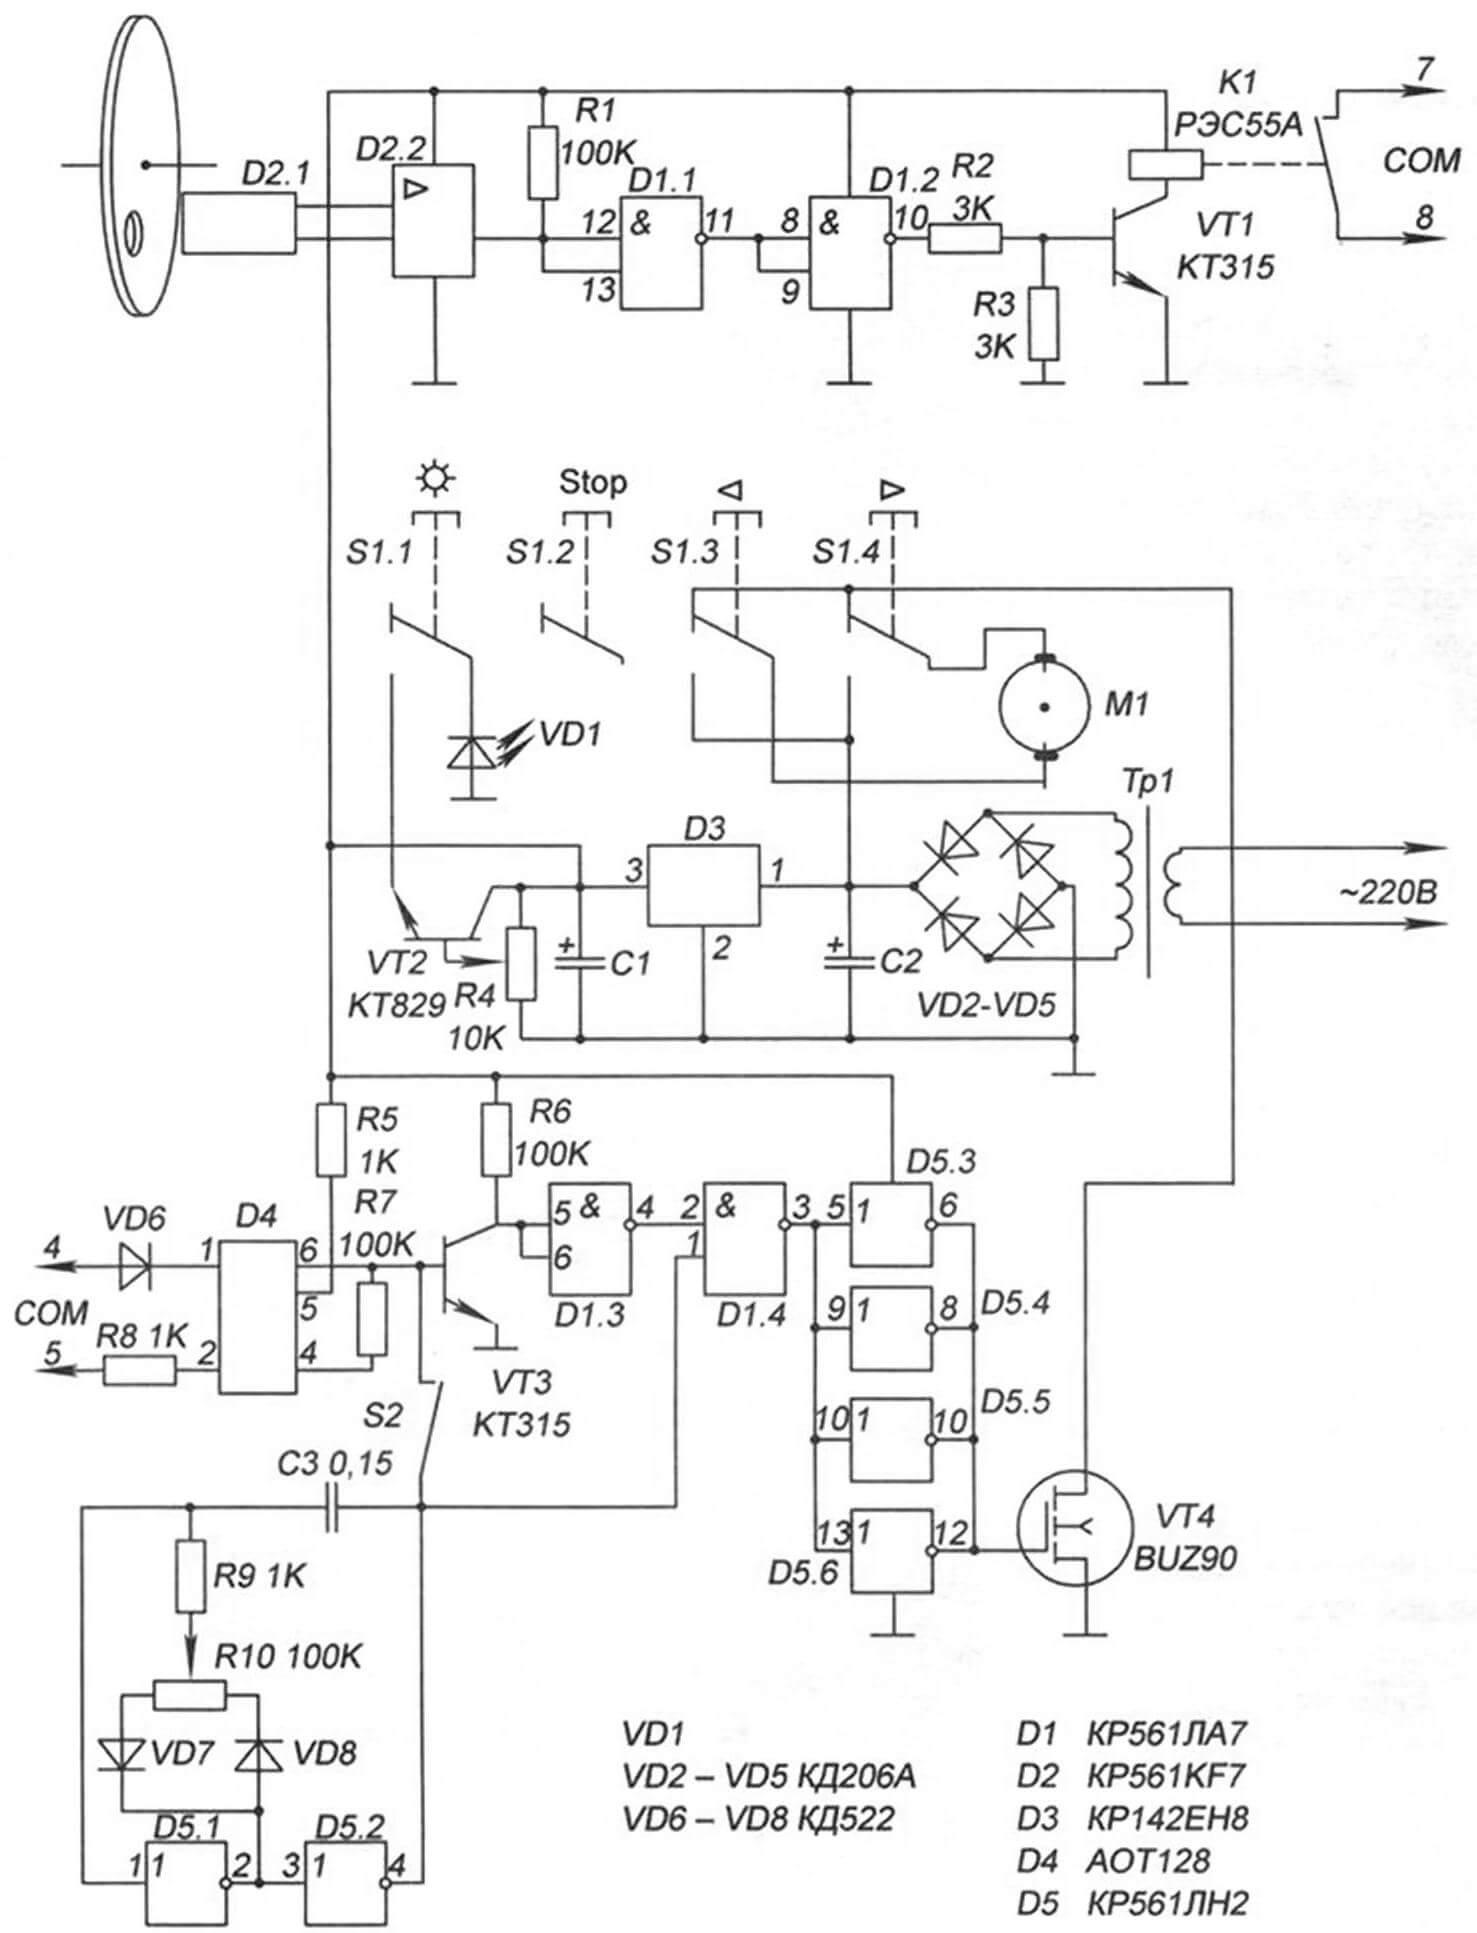 Принципиальная схема устройства захвата. Тумблер S2 отключает стоп-стартовый режим, а штатный клавишный S1 служит для переключения режима работы кинопроектора